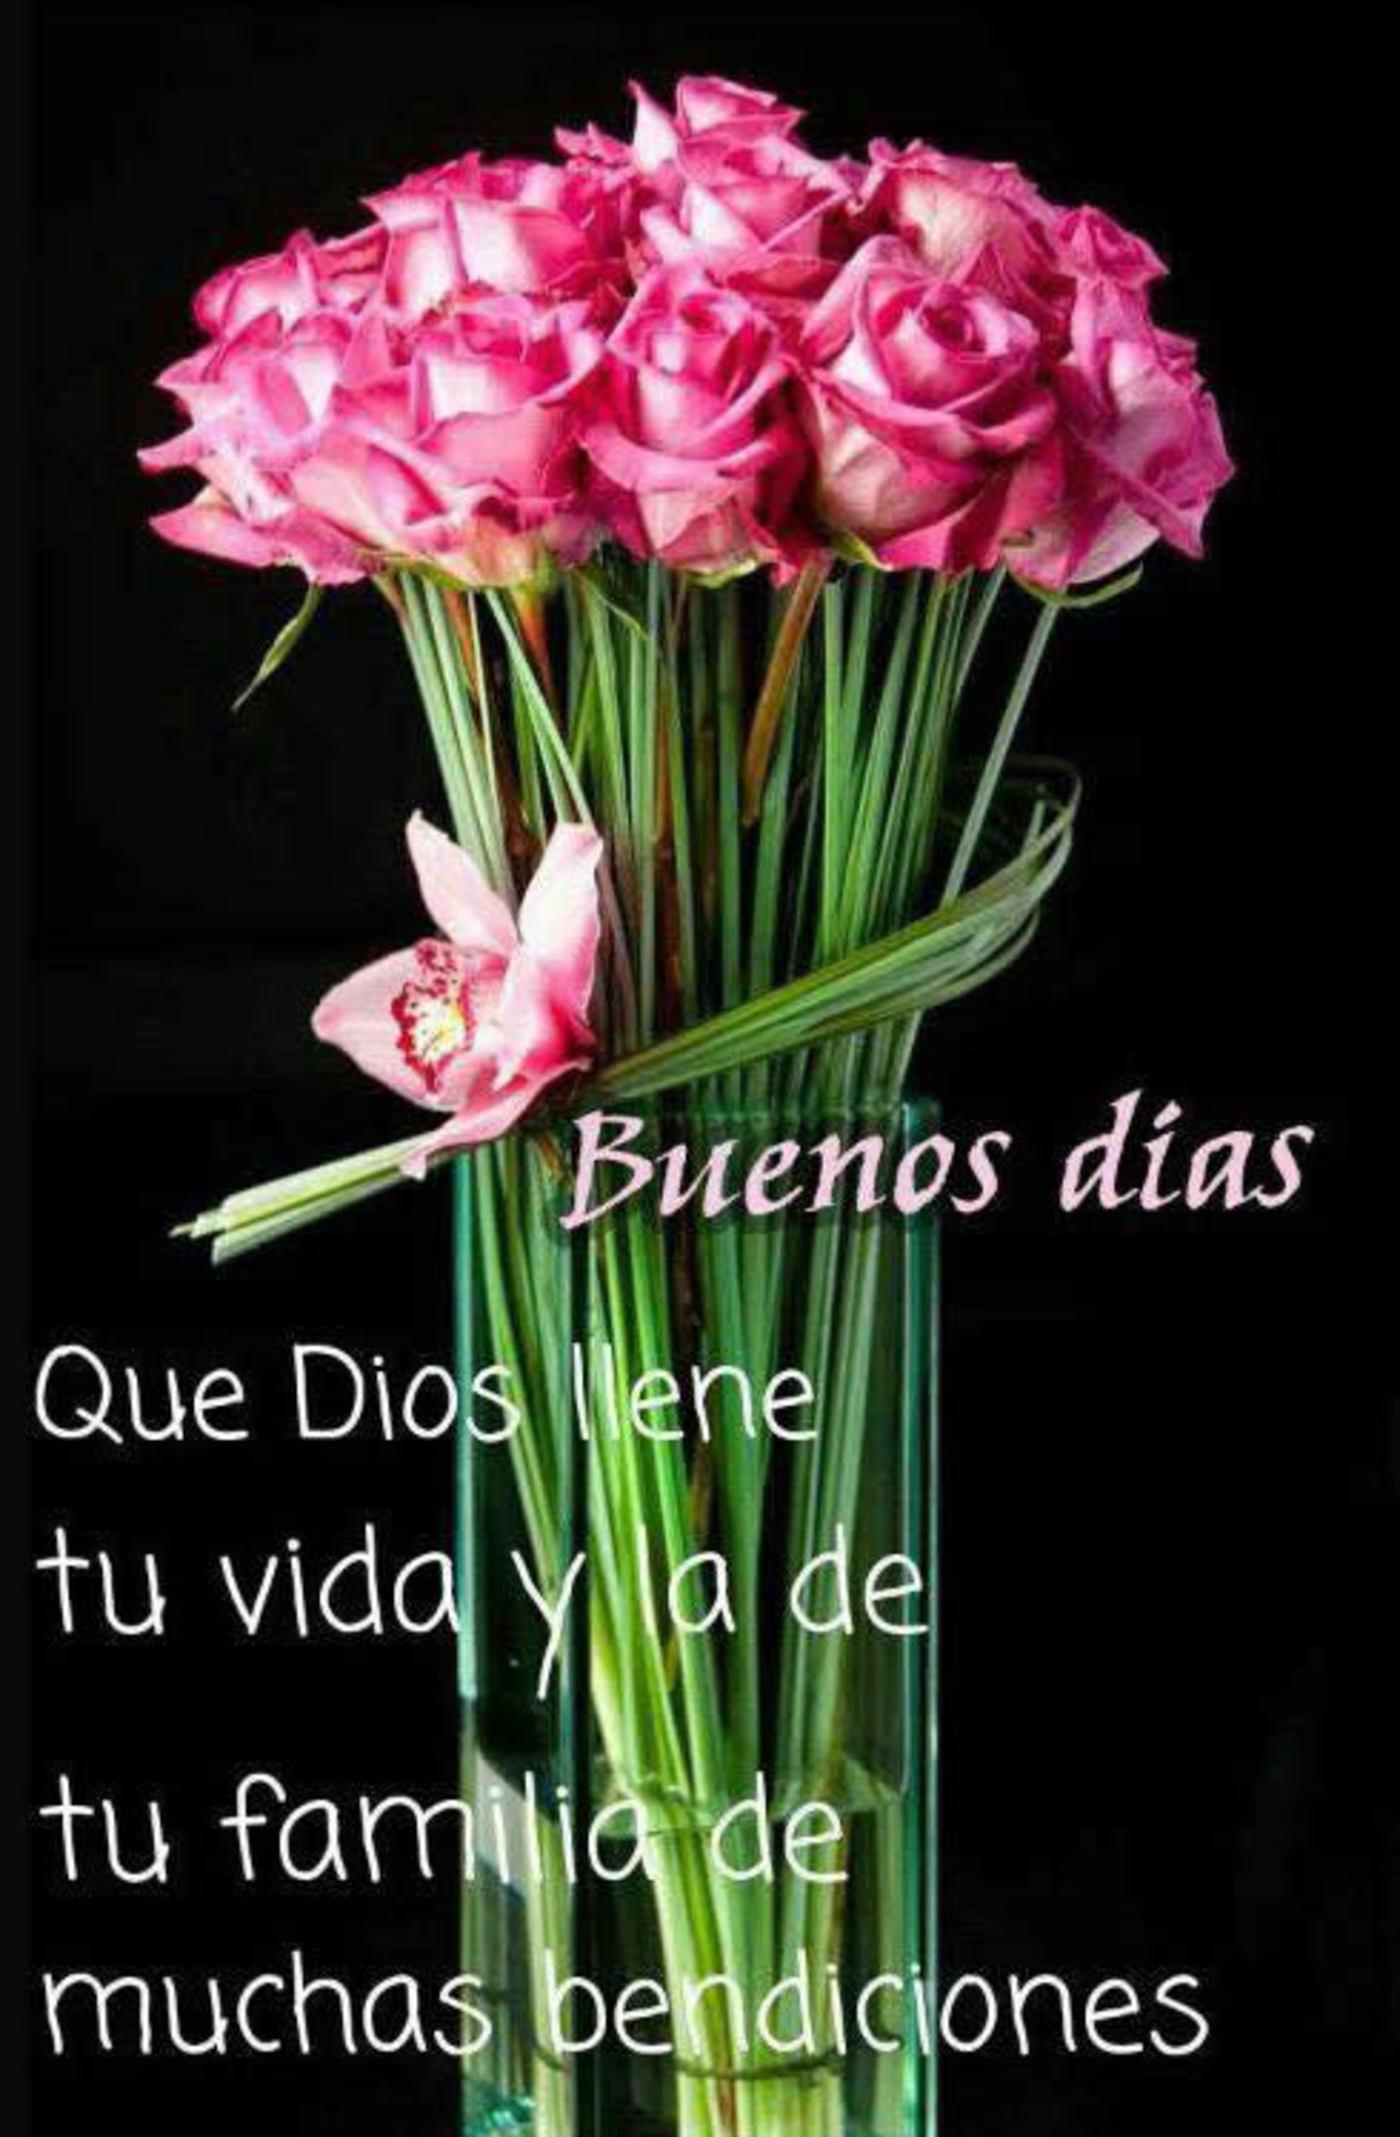 Buenos días! Que Dios llene tu vida y la de tu familia de muchas bendiciones